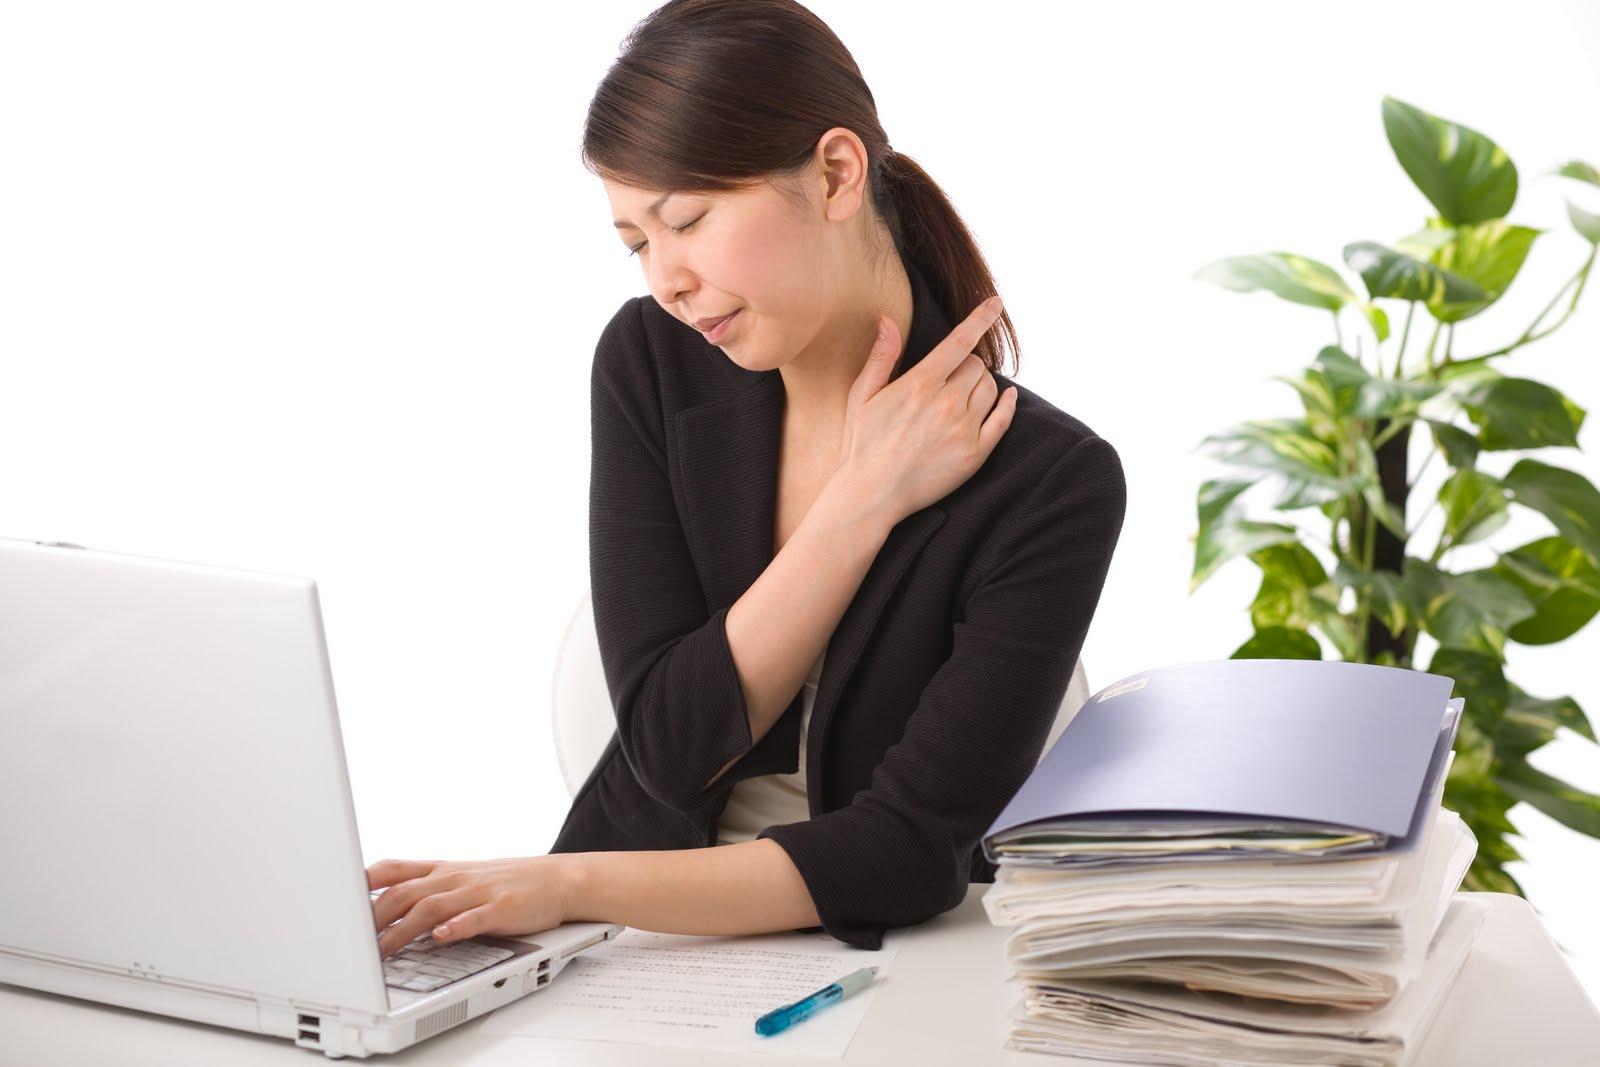 Xu hướng mới của dân văn phòng: Đi xoa bóp bấm huyệt để chăm sóc sức khỏe và phòng ngừa bệnh tật